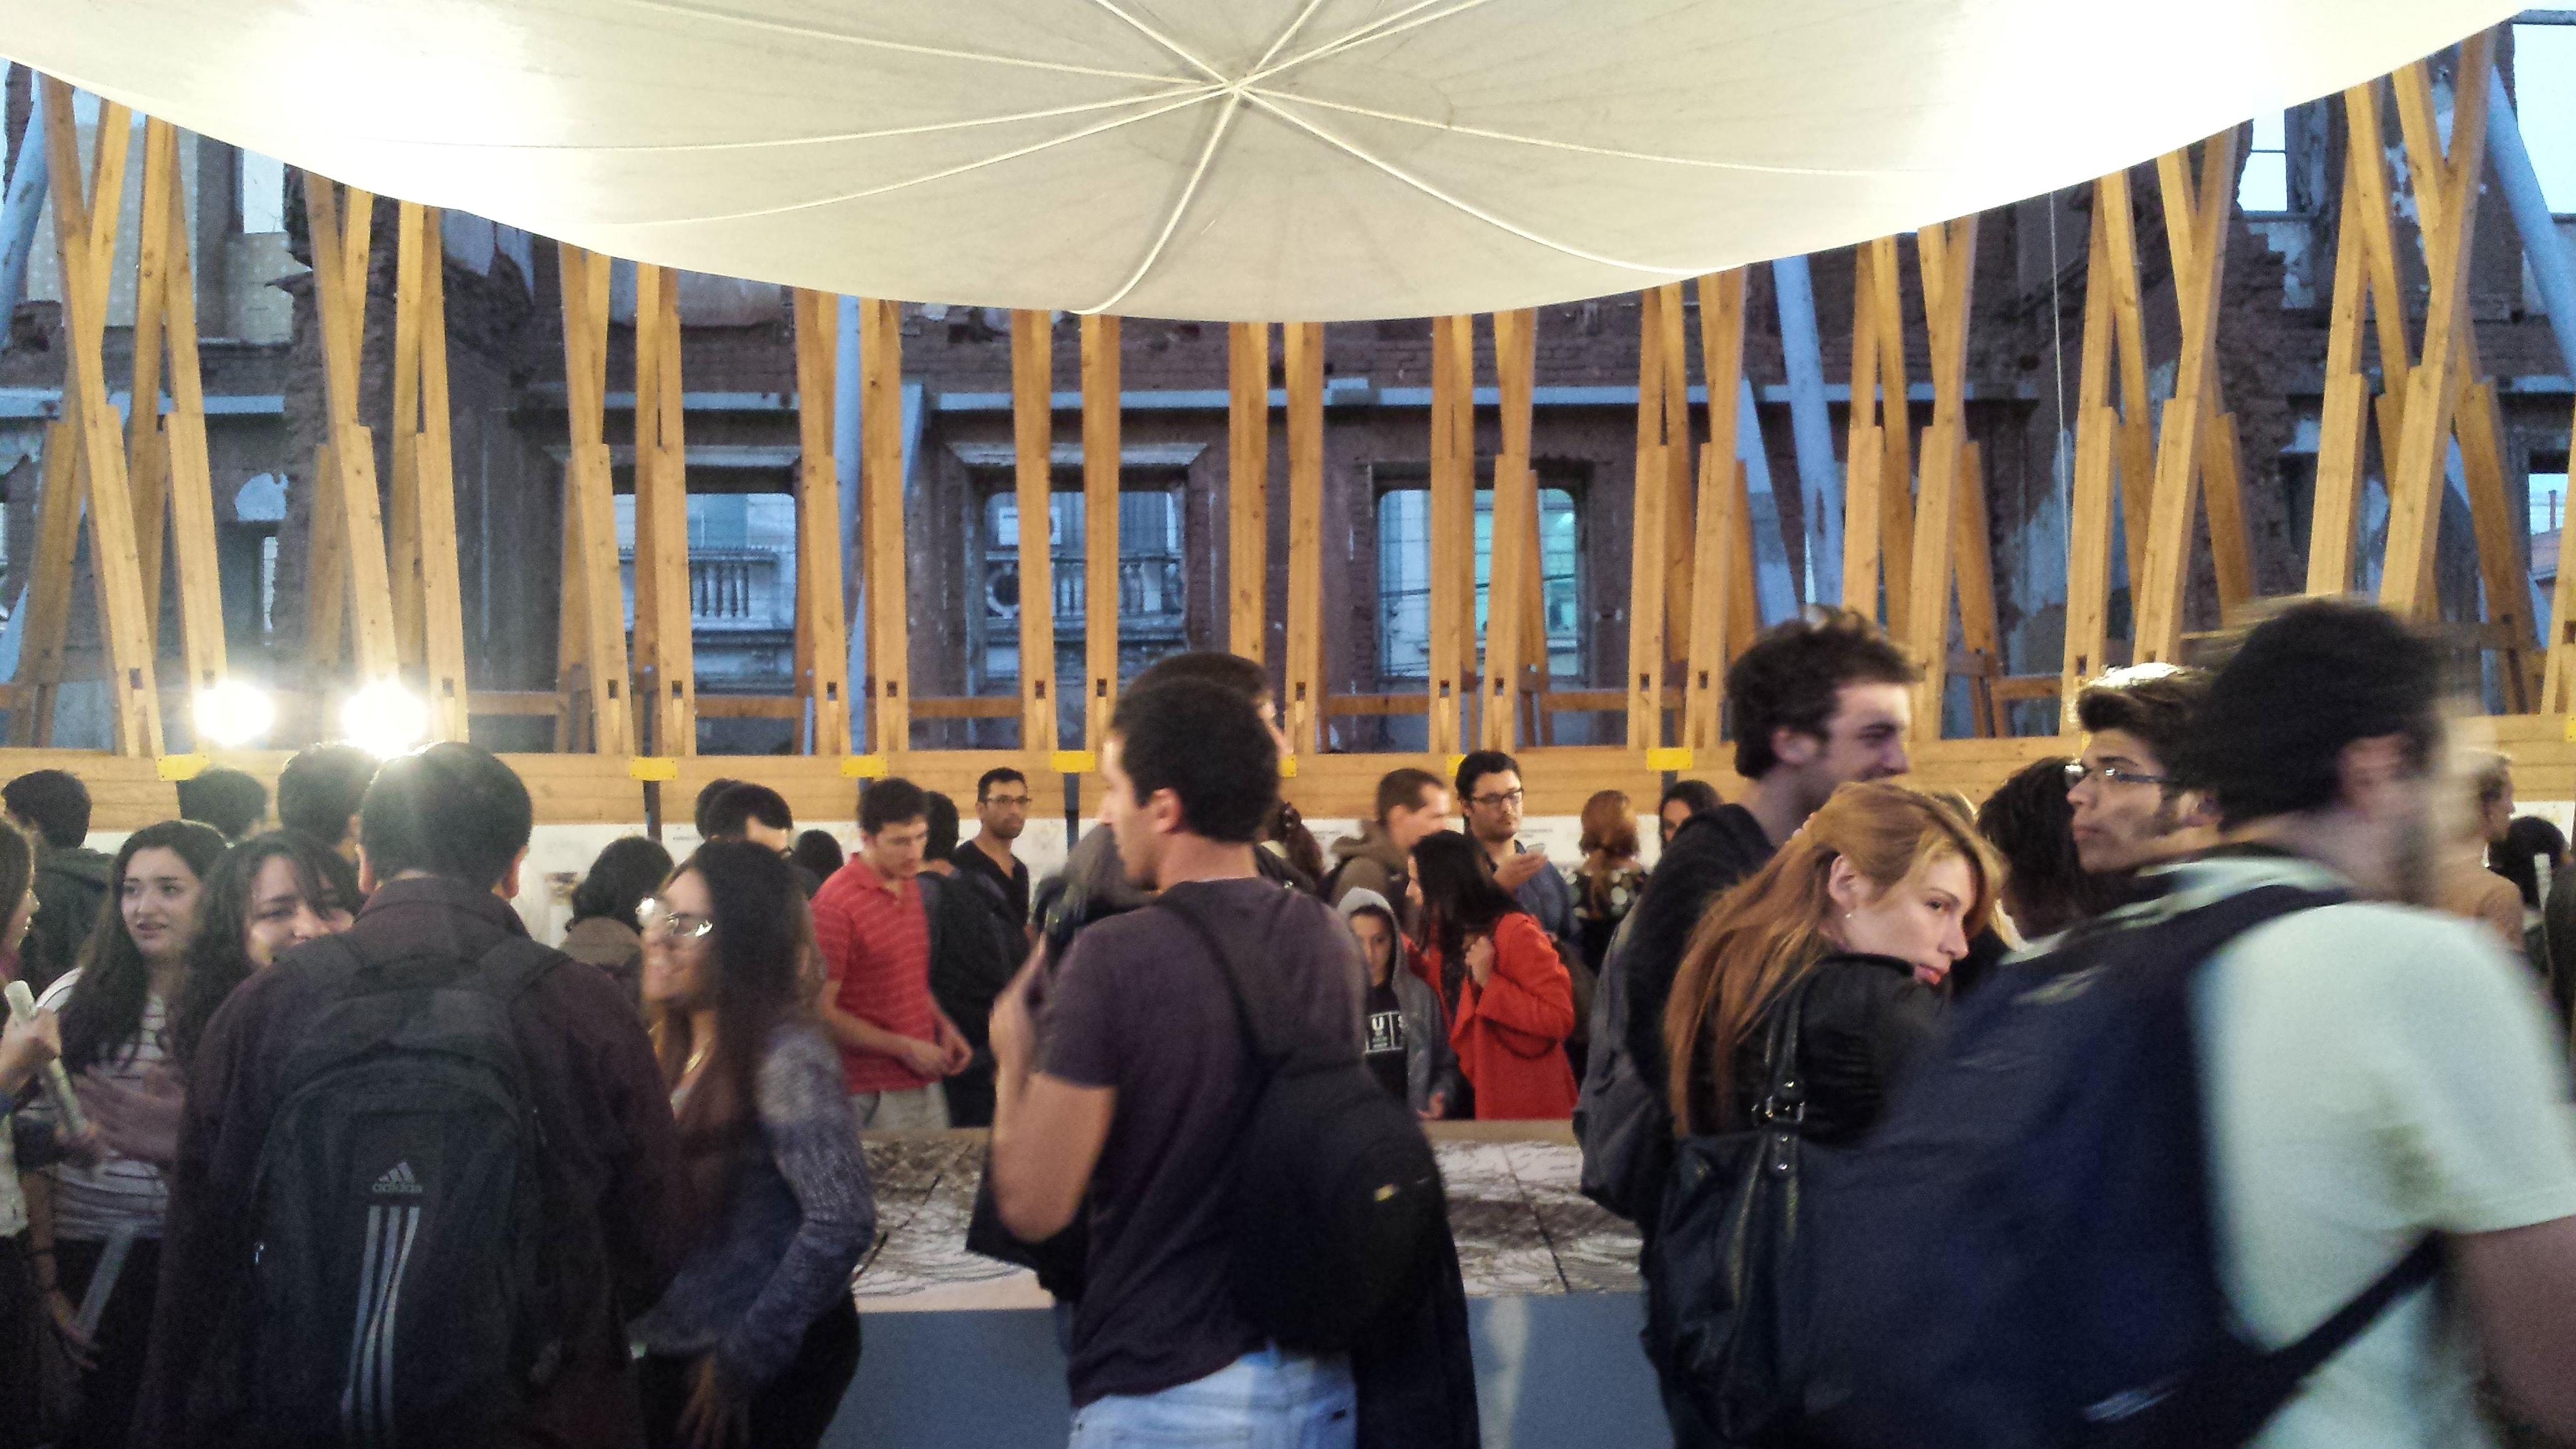 Escuela de arquitectura pucv participa en ejecuci n del for Carreras de arquitectura